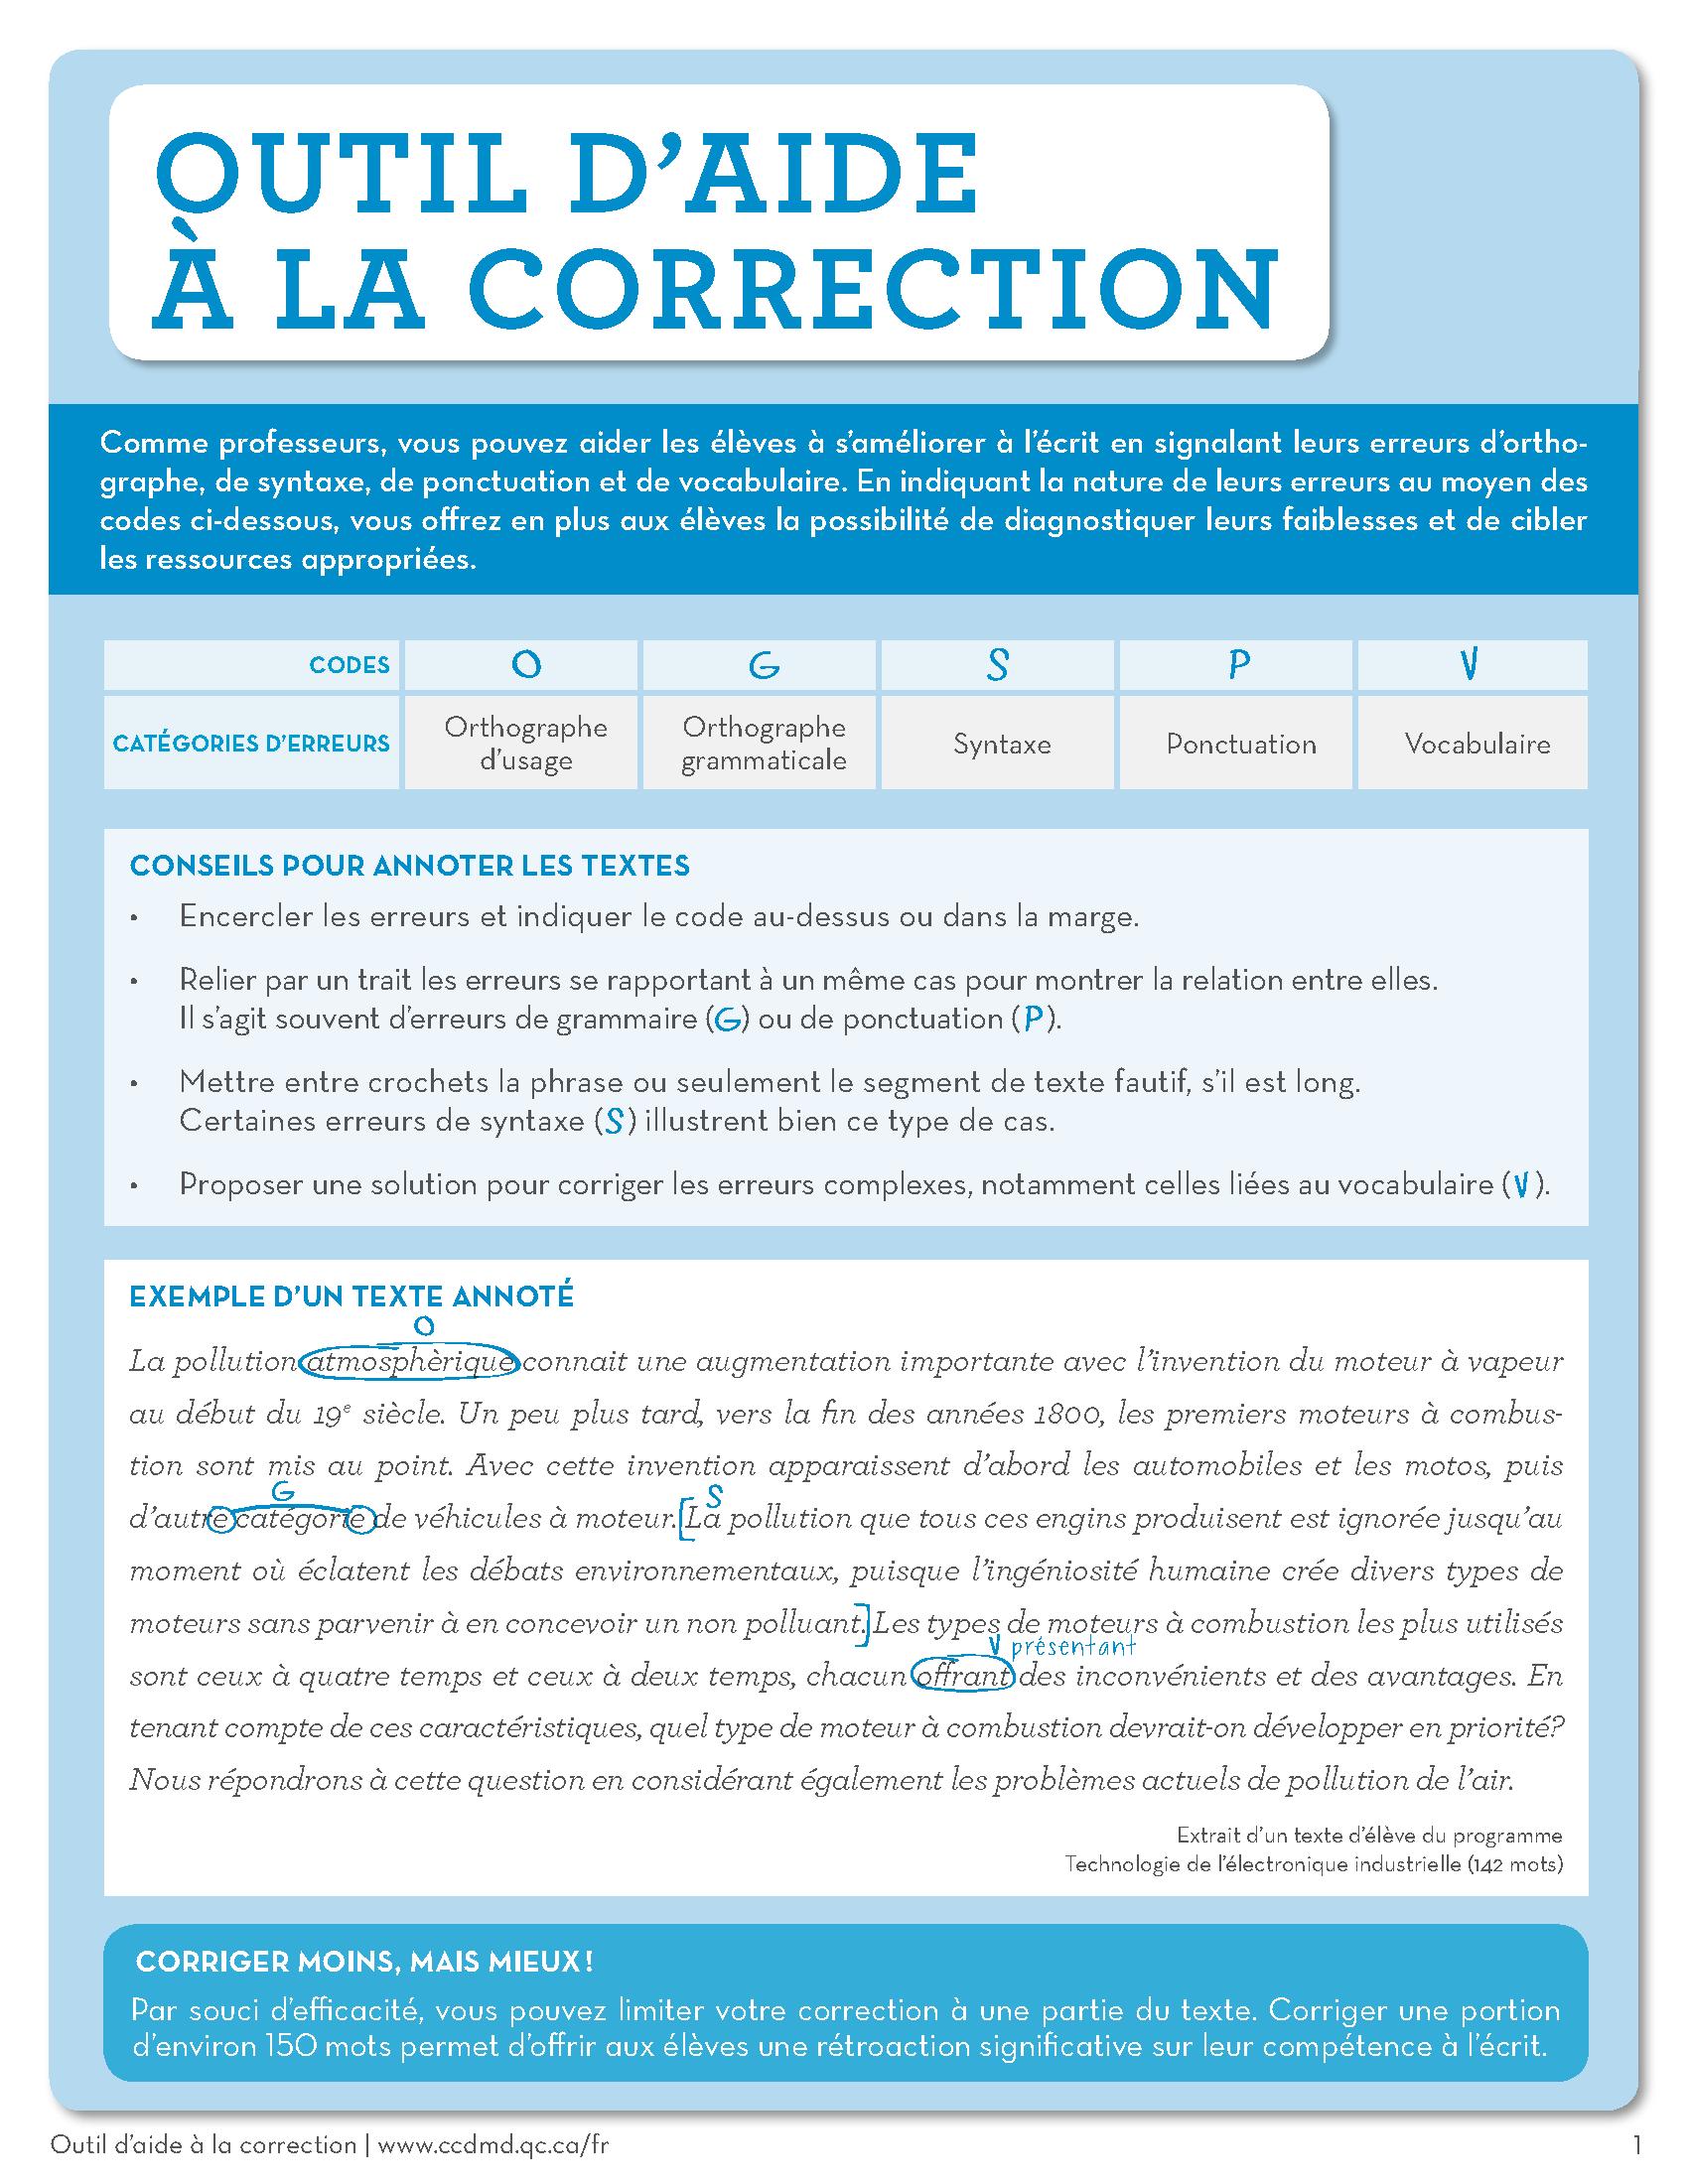 Outil d'aide à la correction